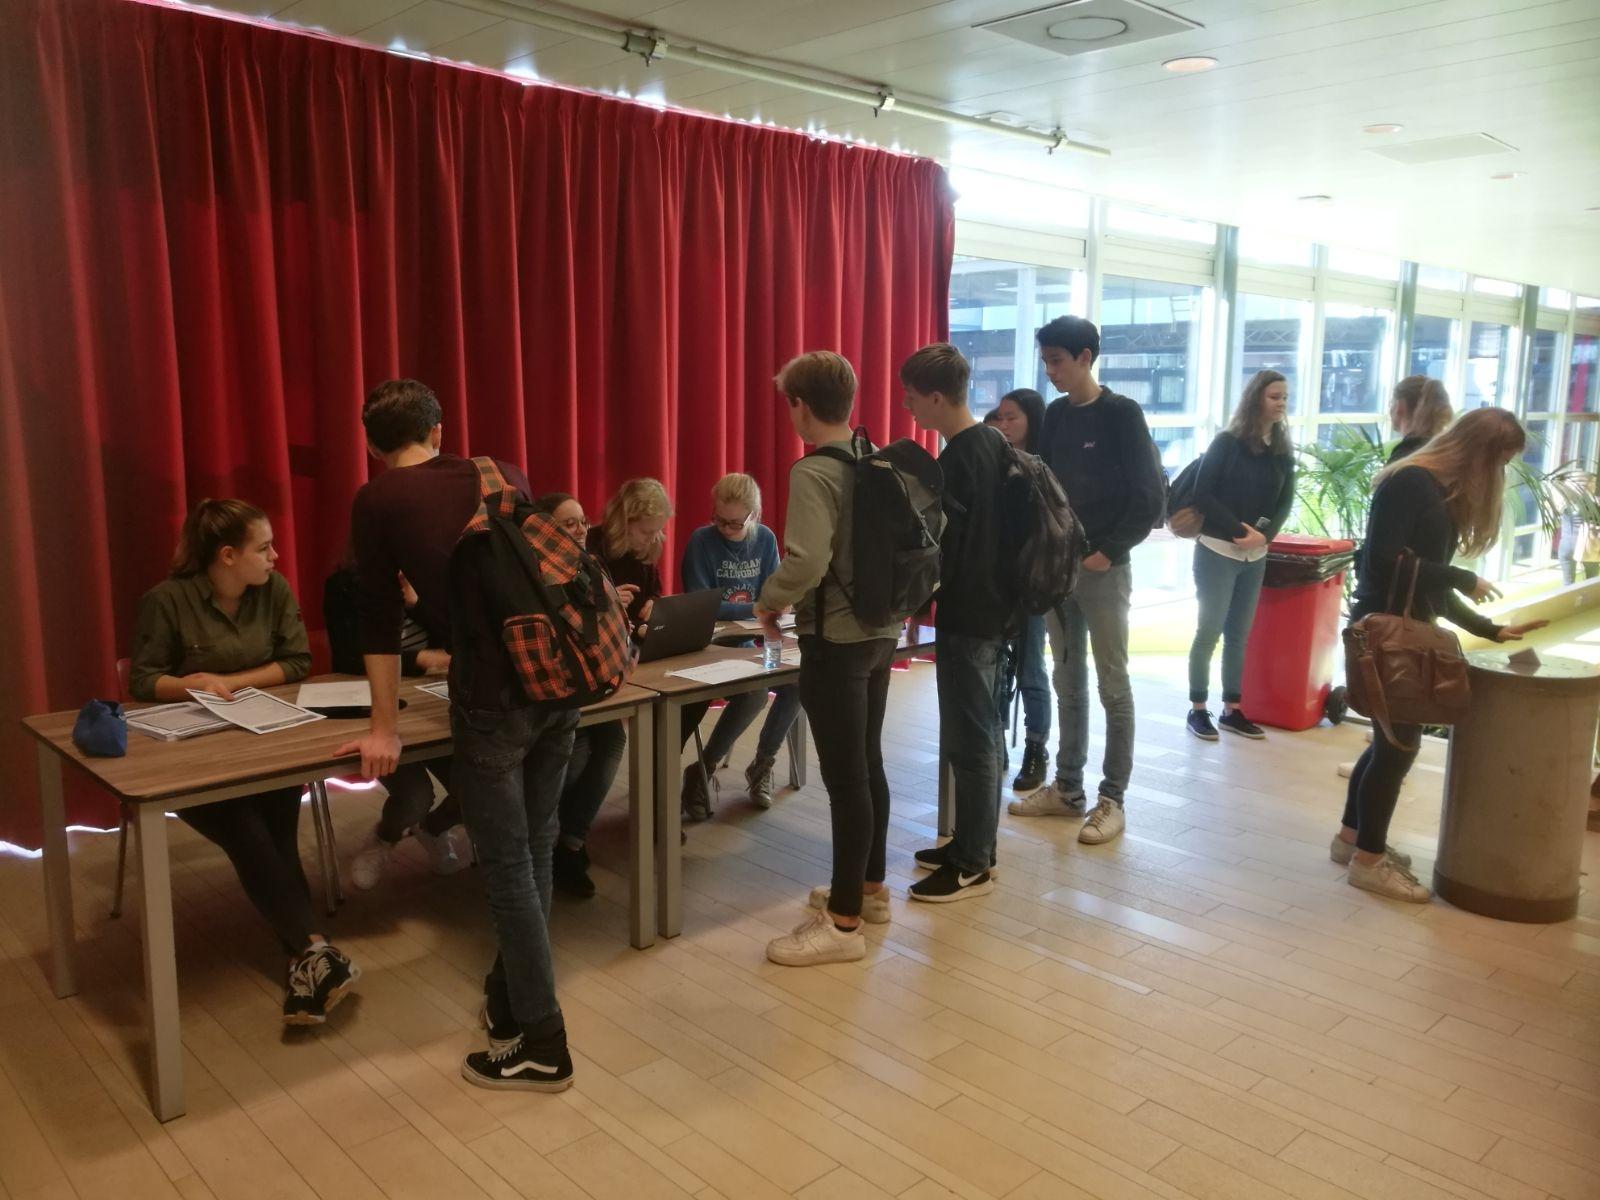 VVD en D66 grote winnaars scholierenverkiezingen